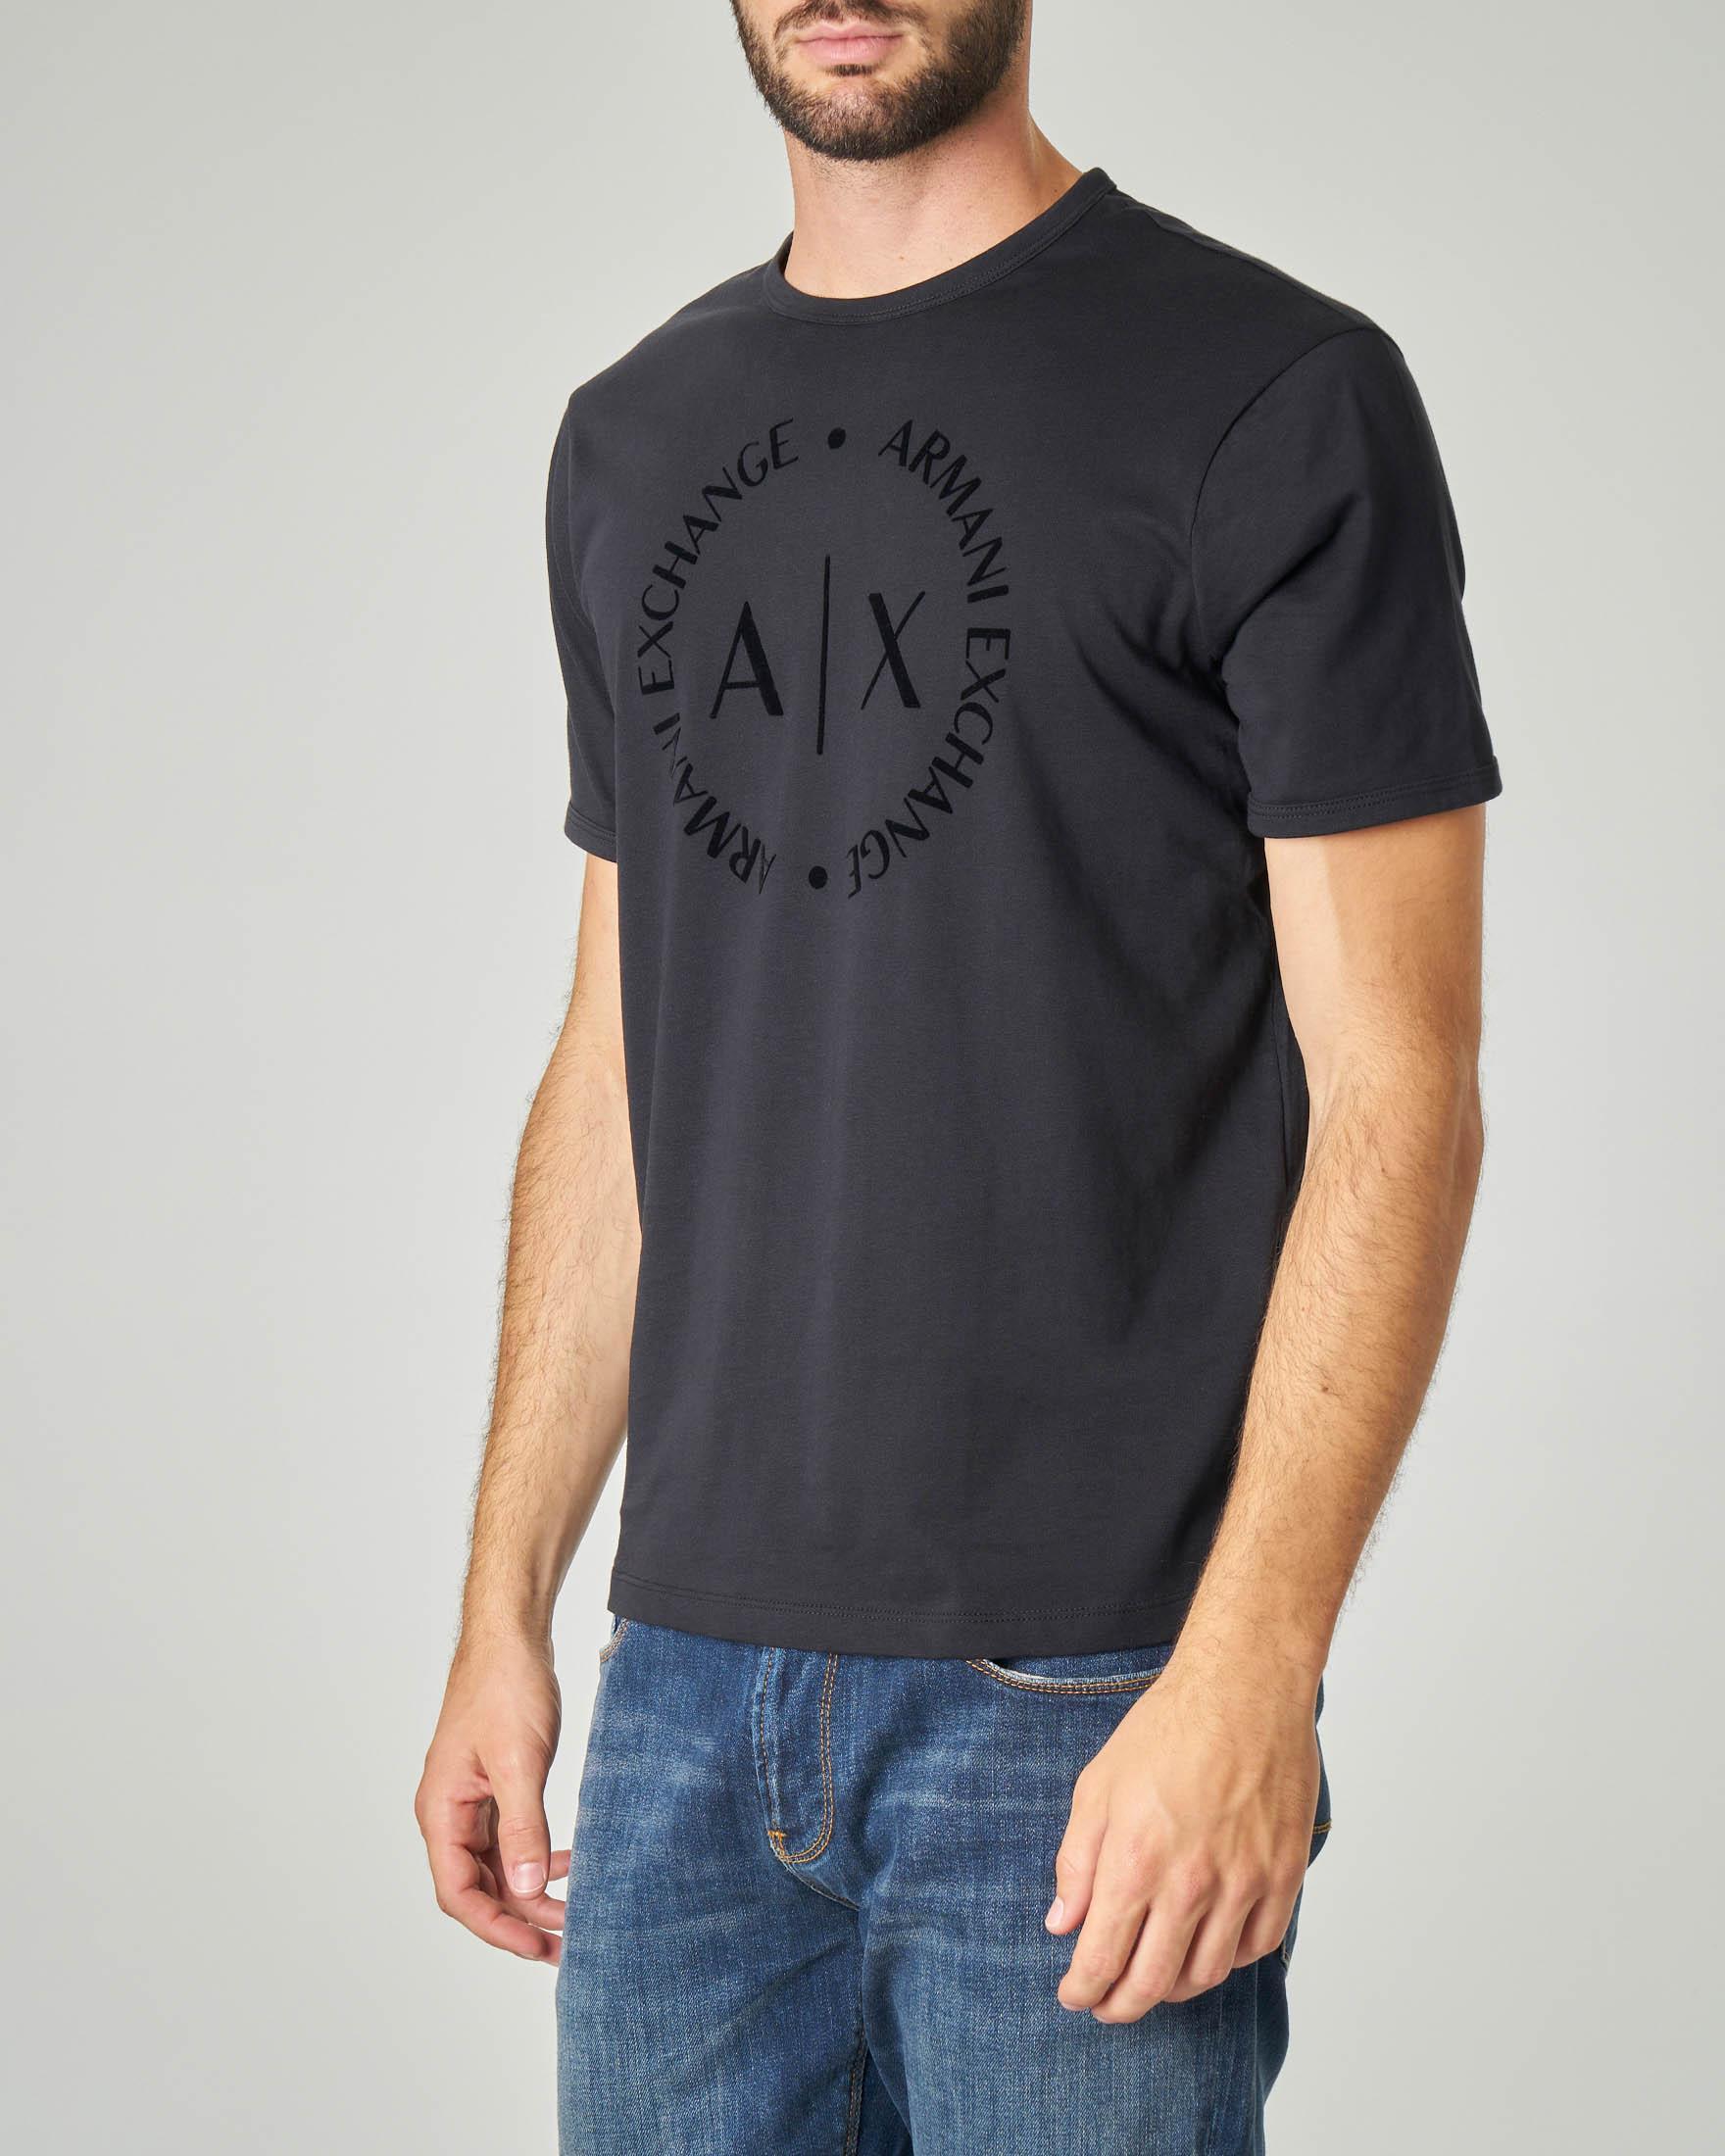 T-shirt nera con logo in rilievo sul petto